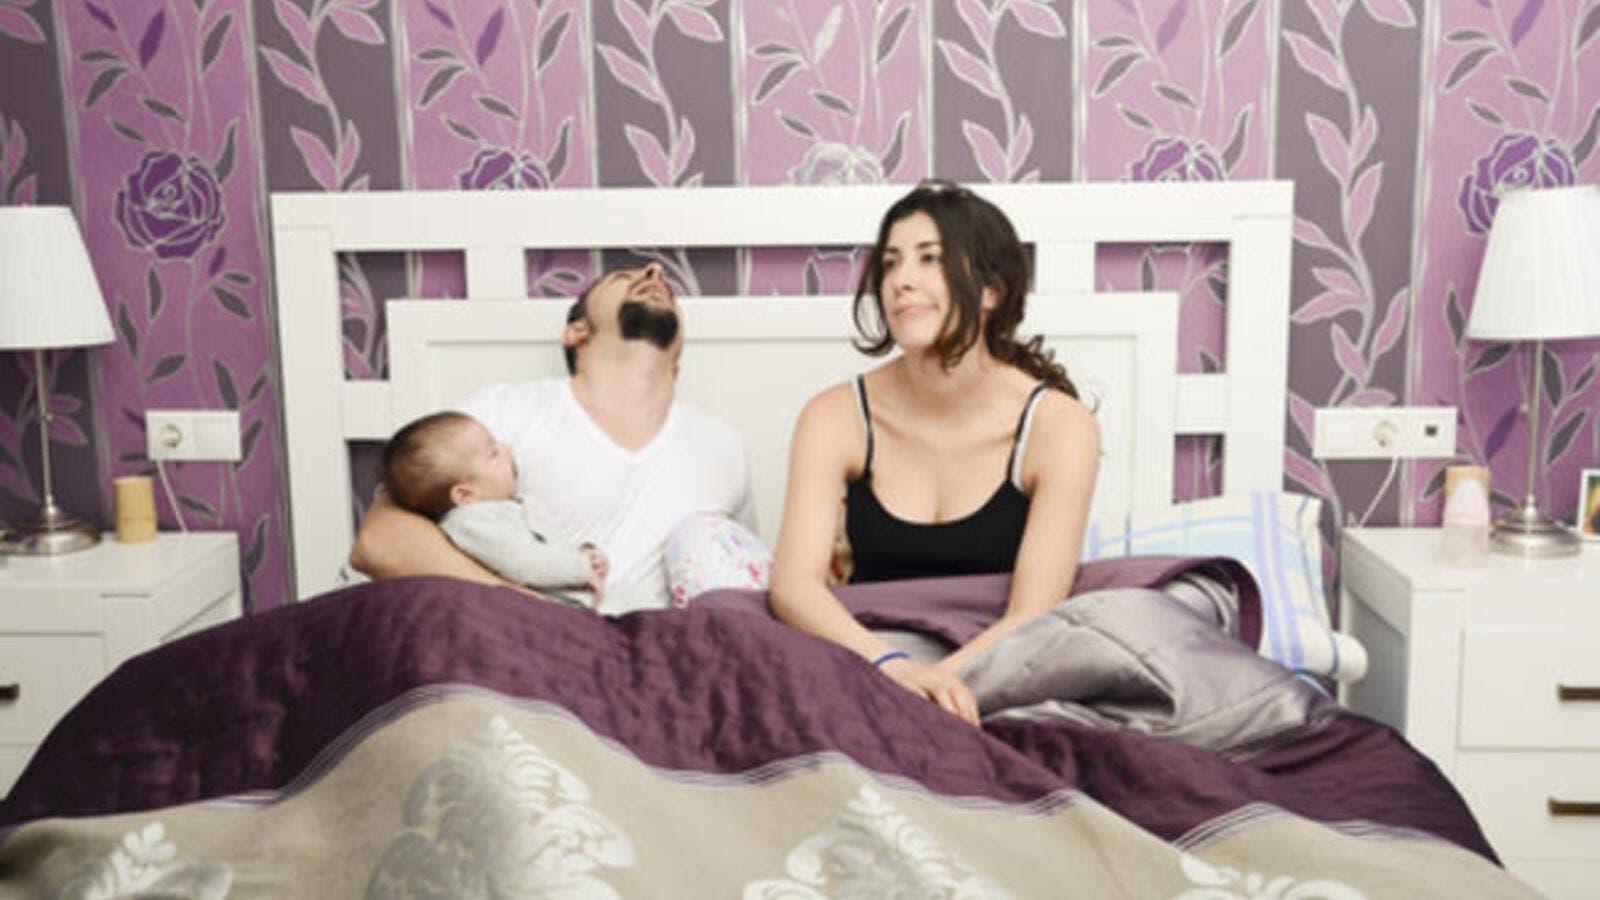 217768098b126 8 نصائح مهمة للأزواج بعد قدوم المولود الأول